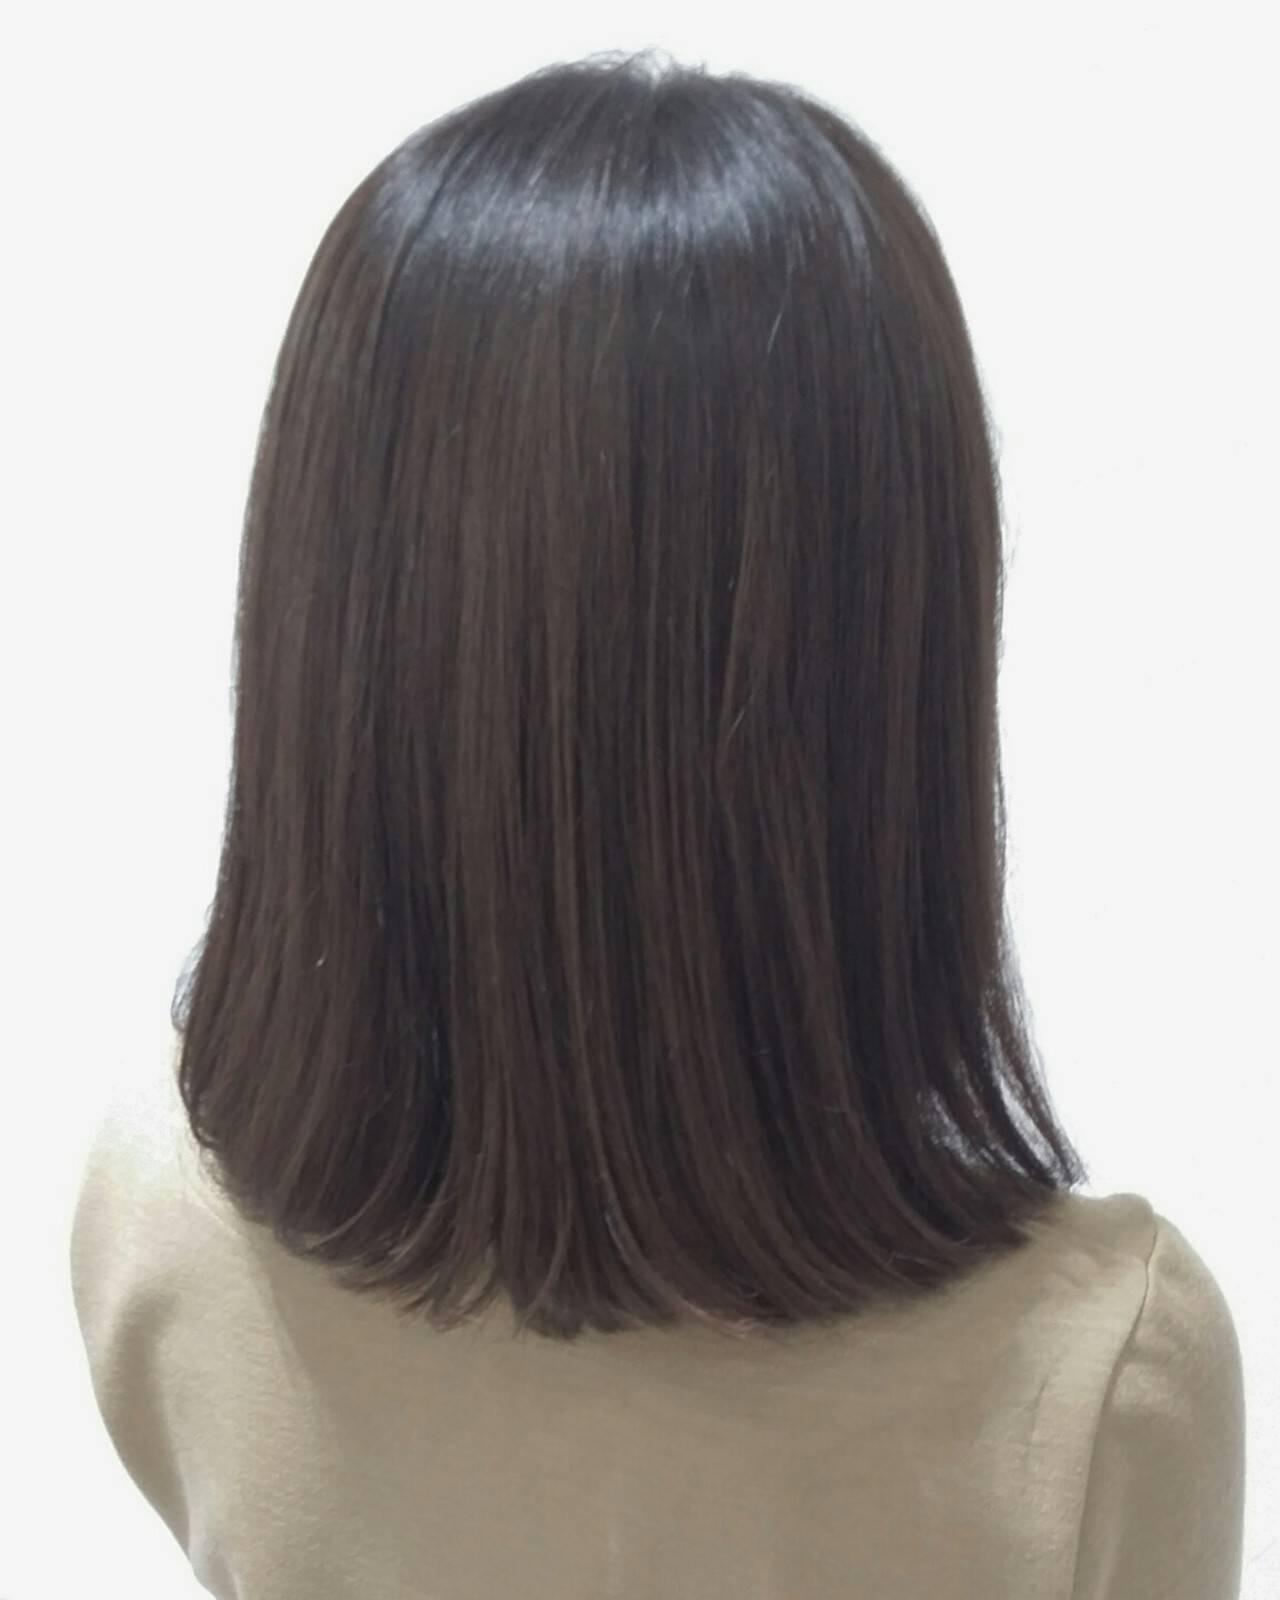 ボブ 色気 暗髪 モードヘアスタイルや髪型の写真・画像